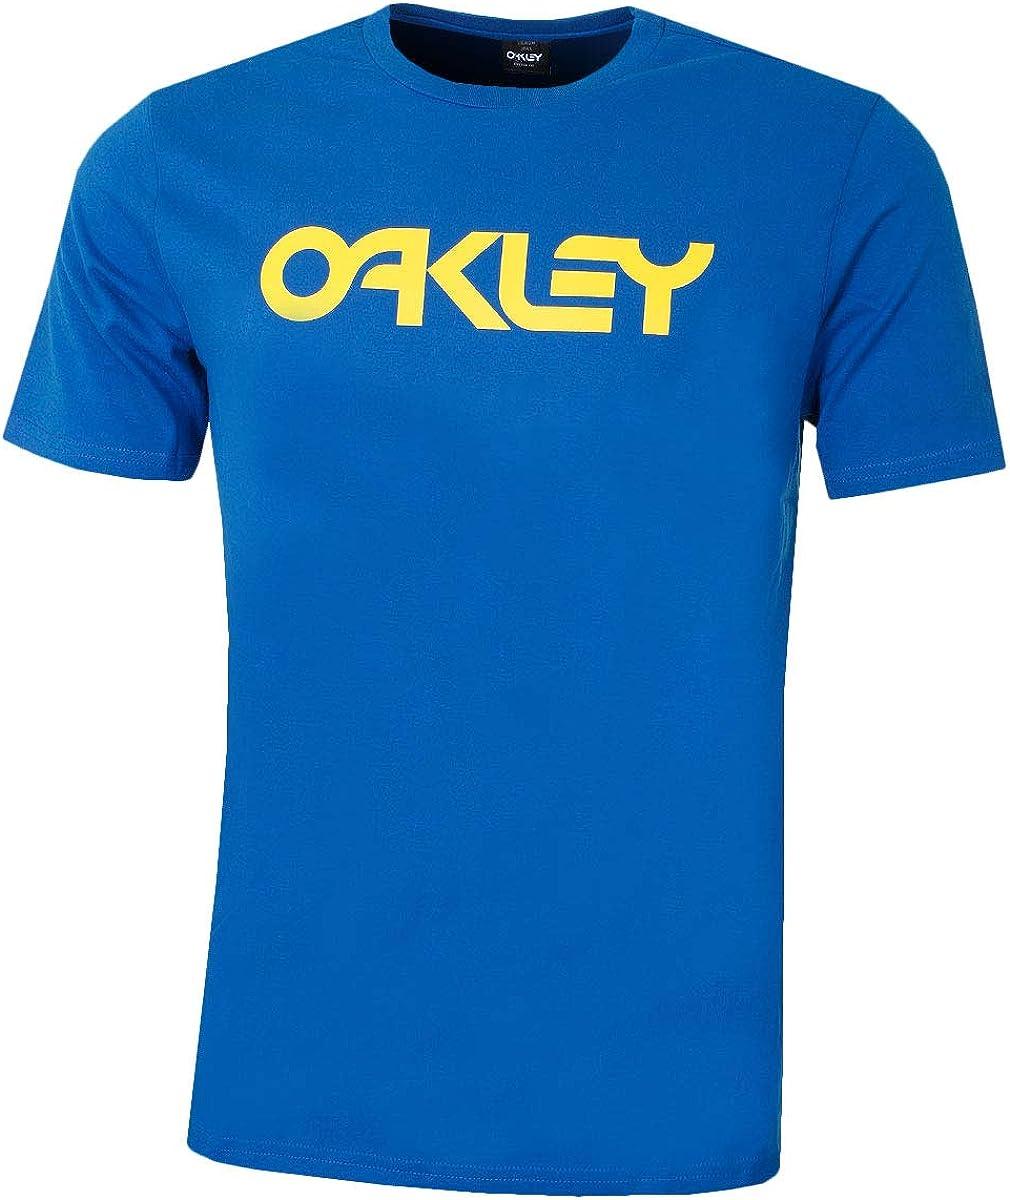 Oakley Mark II - Camiseta para hombre - - XX-Large: Amazon.es: Ropa y accesorios